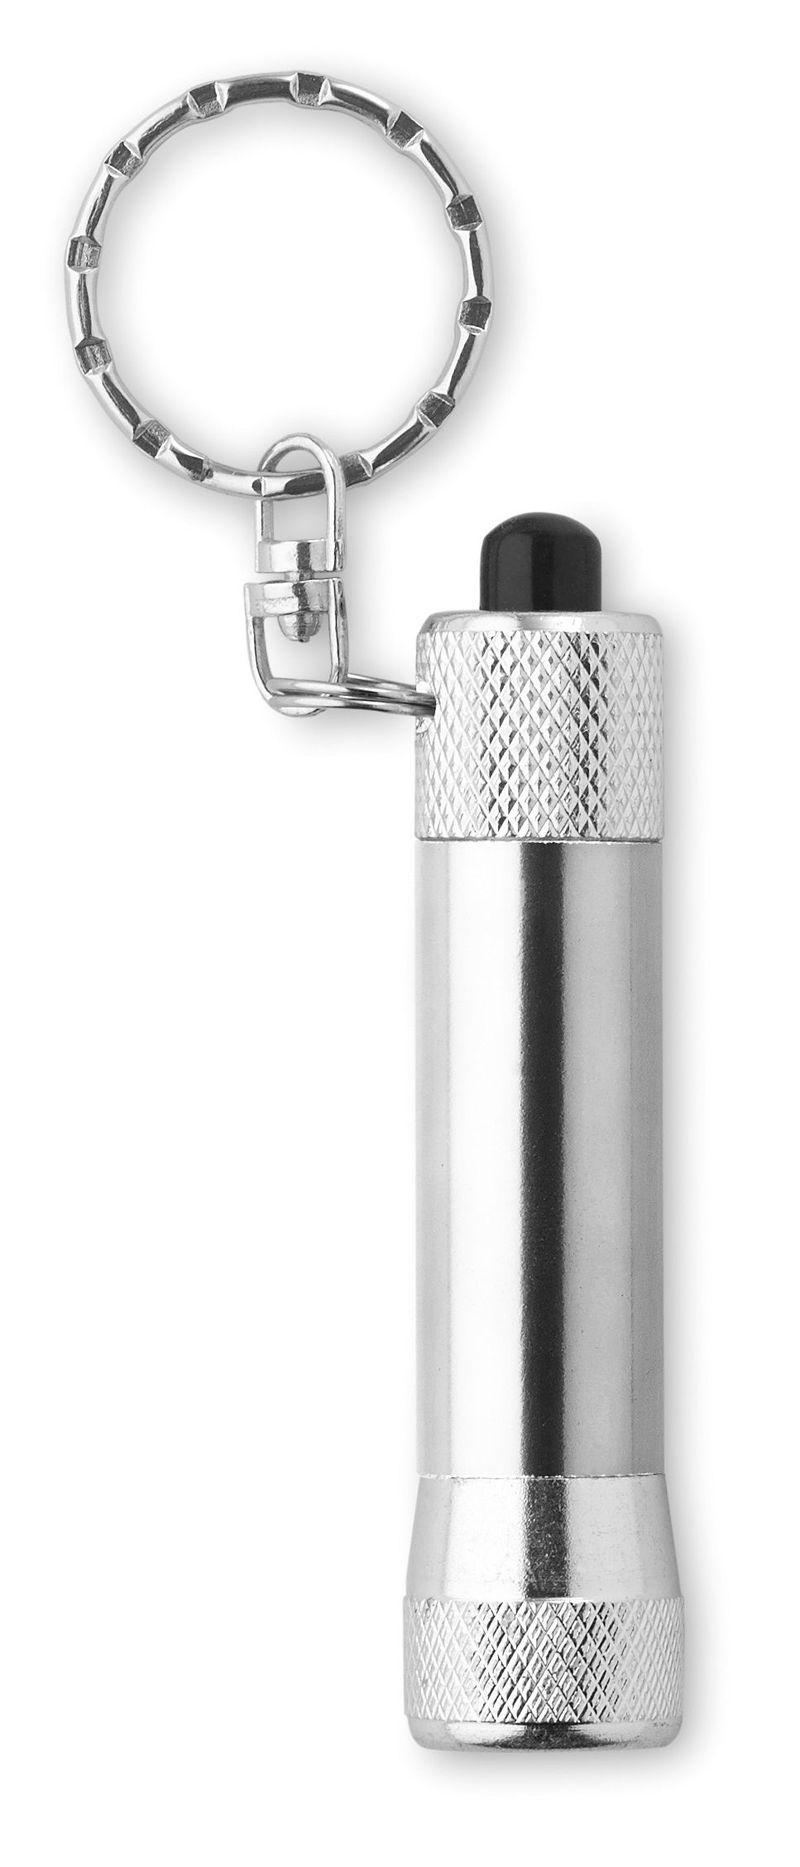 Hliníková stříbrná svítilna s přívěškem